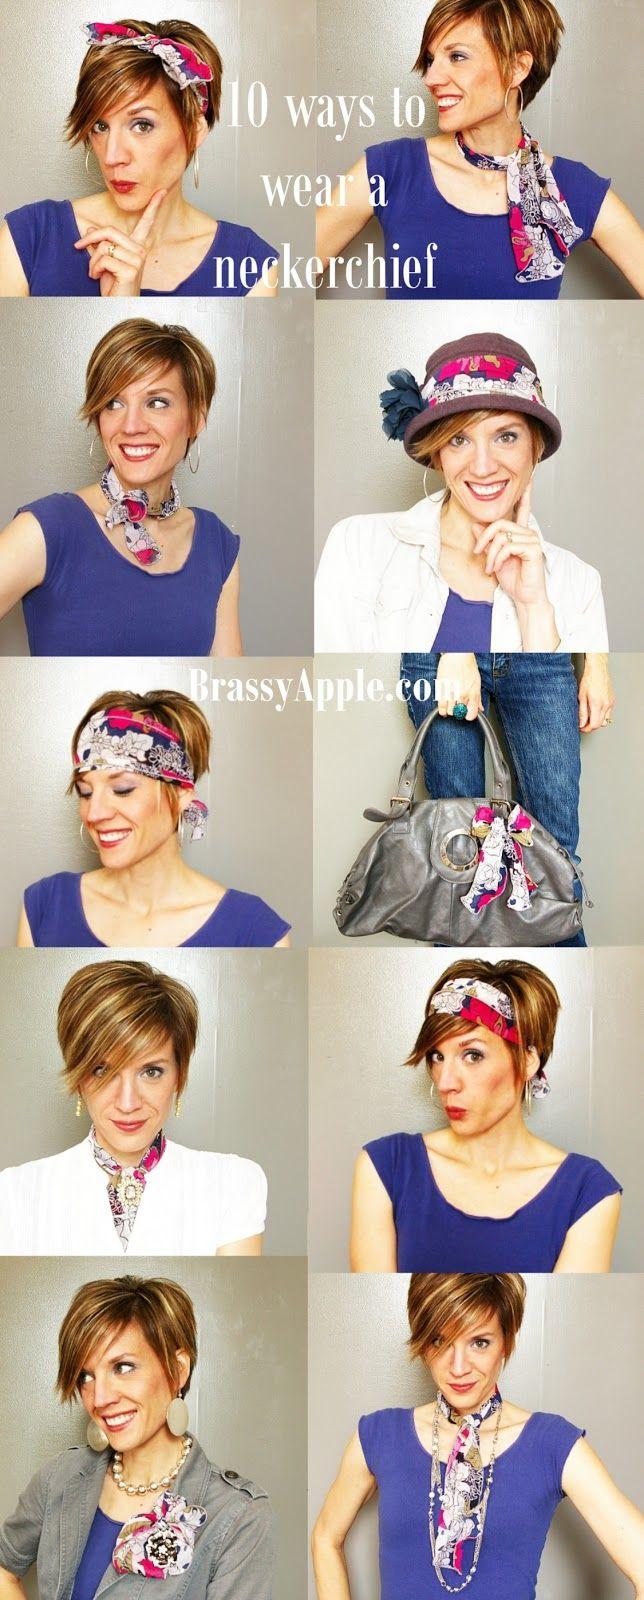 10 ways to wear a Neckerchief brassyapple.com #whattowear #scarf